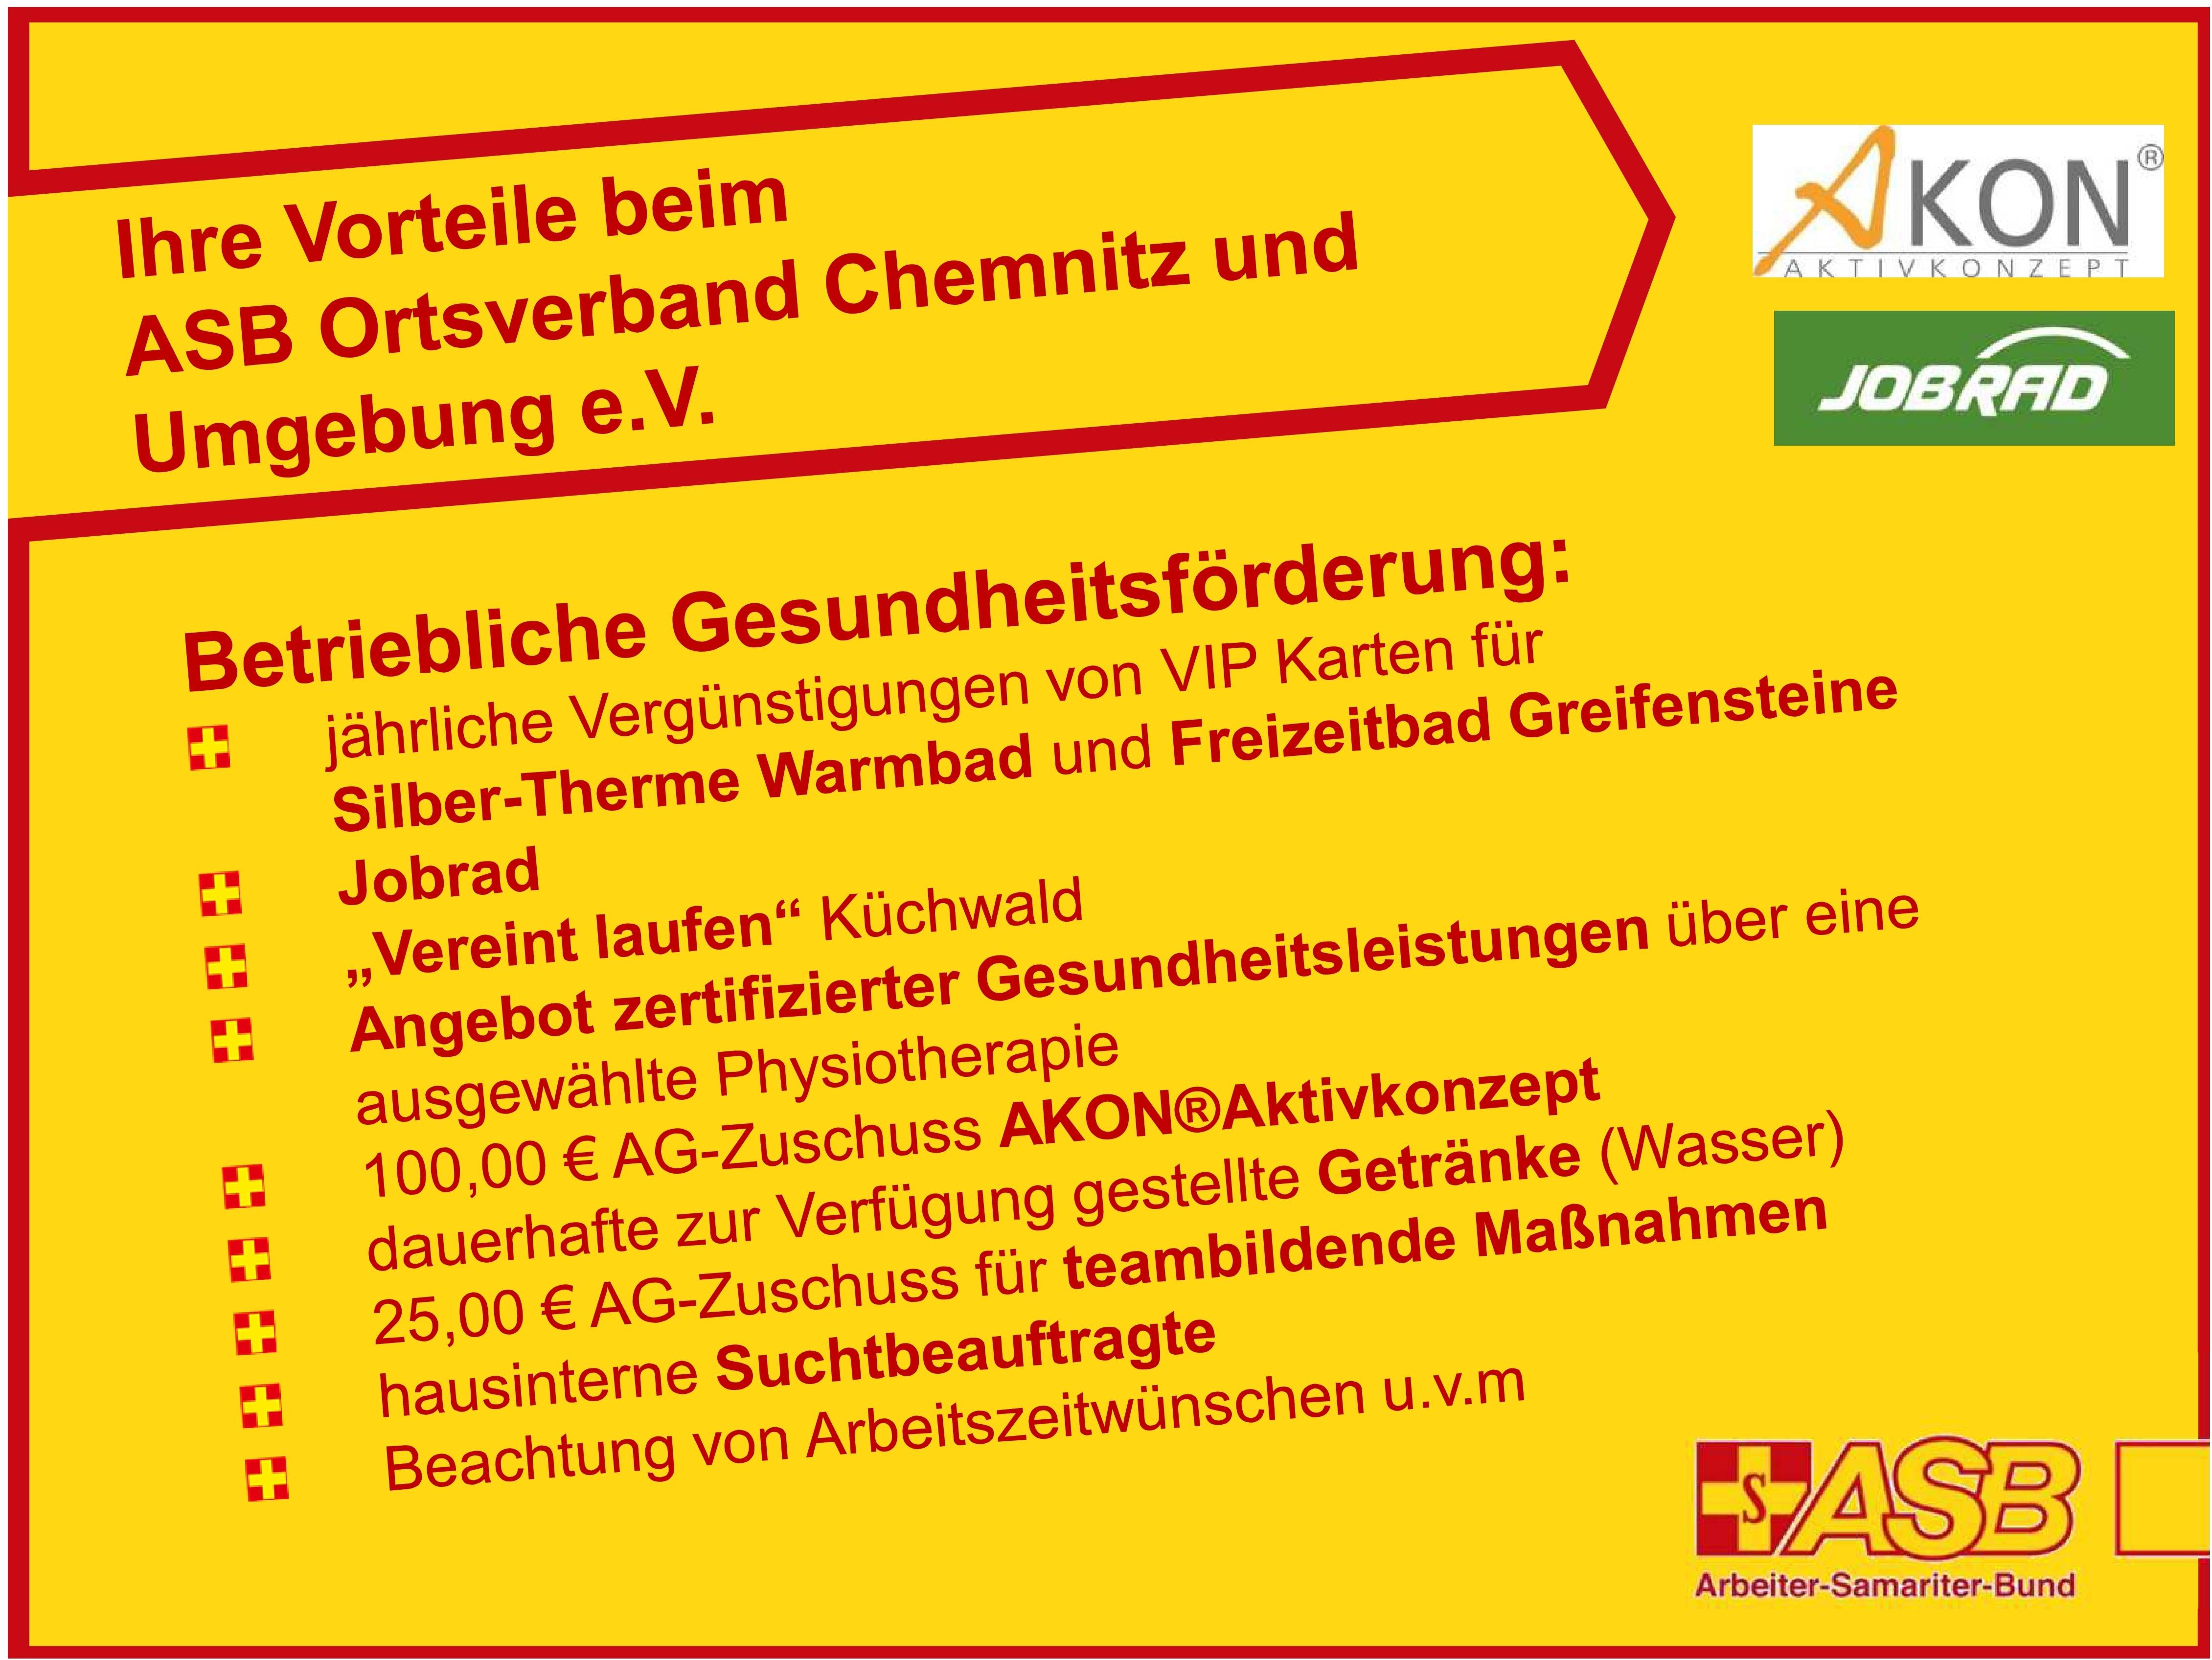 Karte Chemnitz Und Umgebung.Freie Stellen